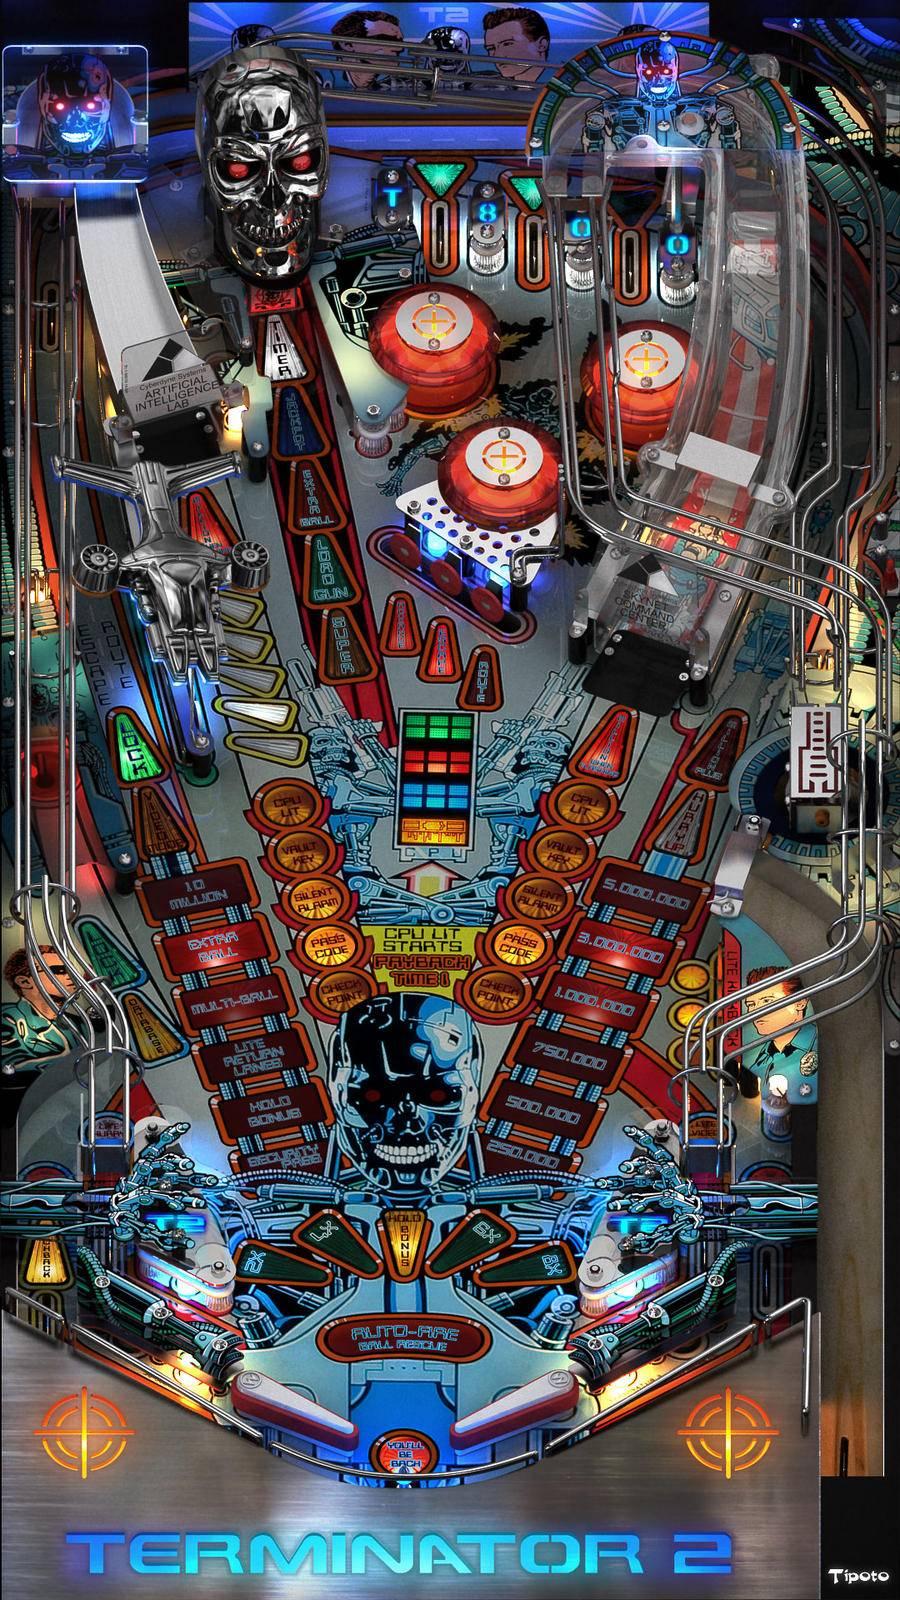 Buy Aerosmith Pro Pinball Machine Online at $6499 |Pinball Top View